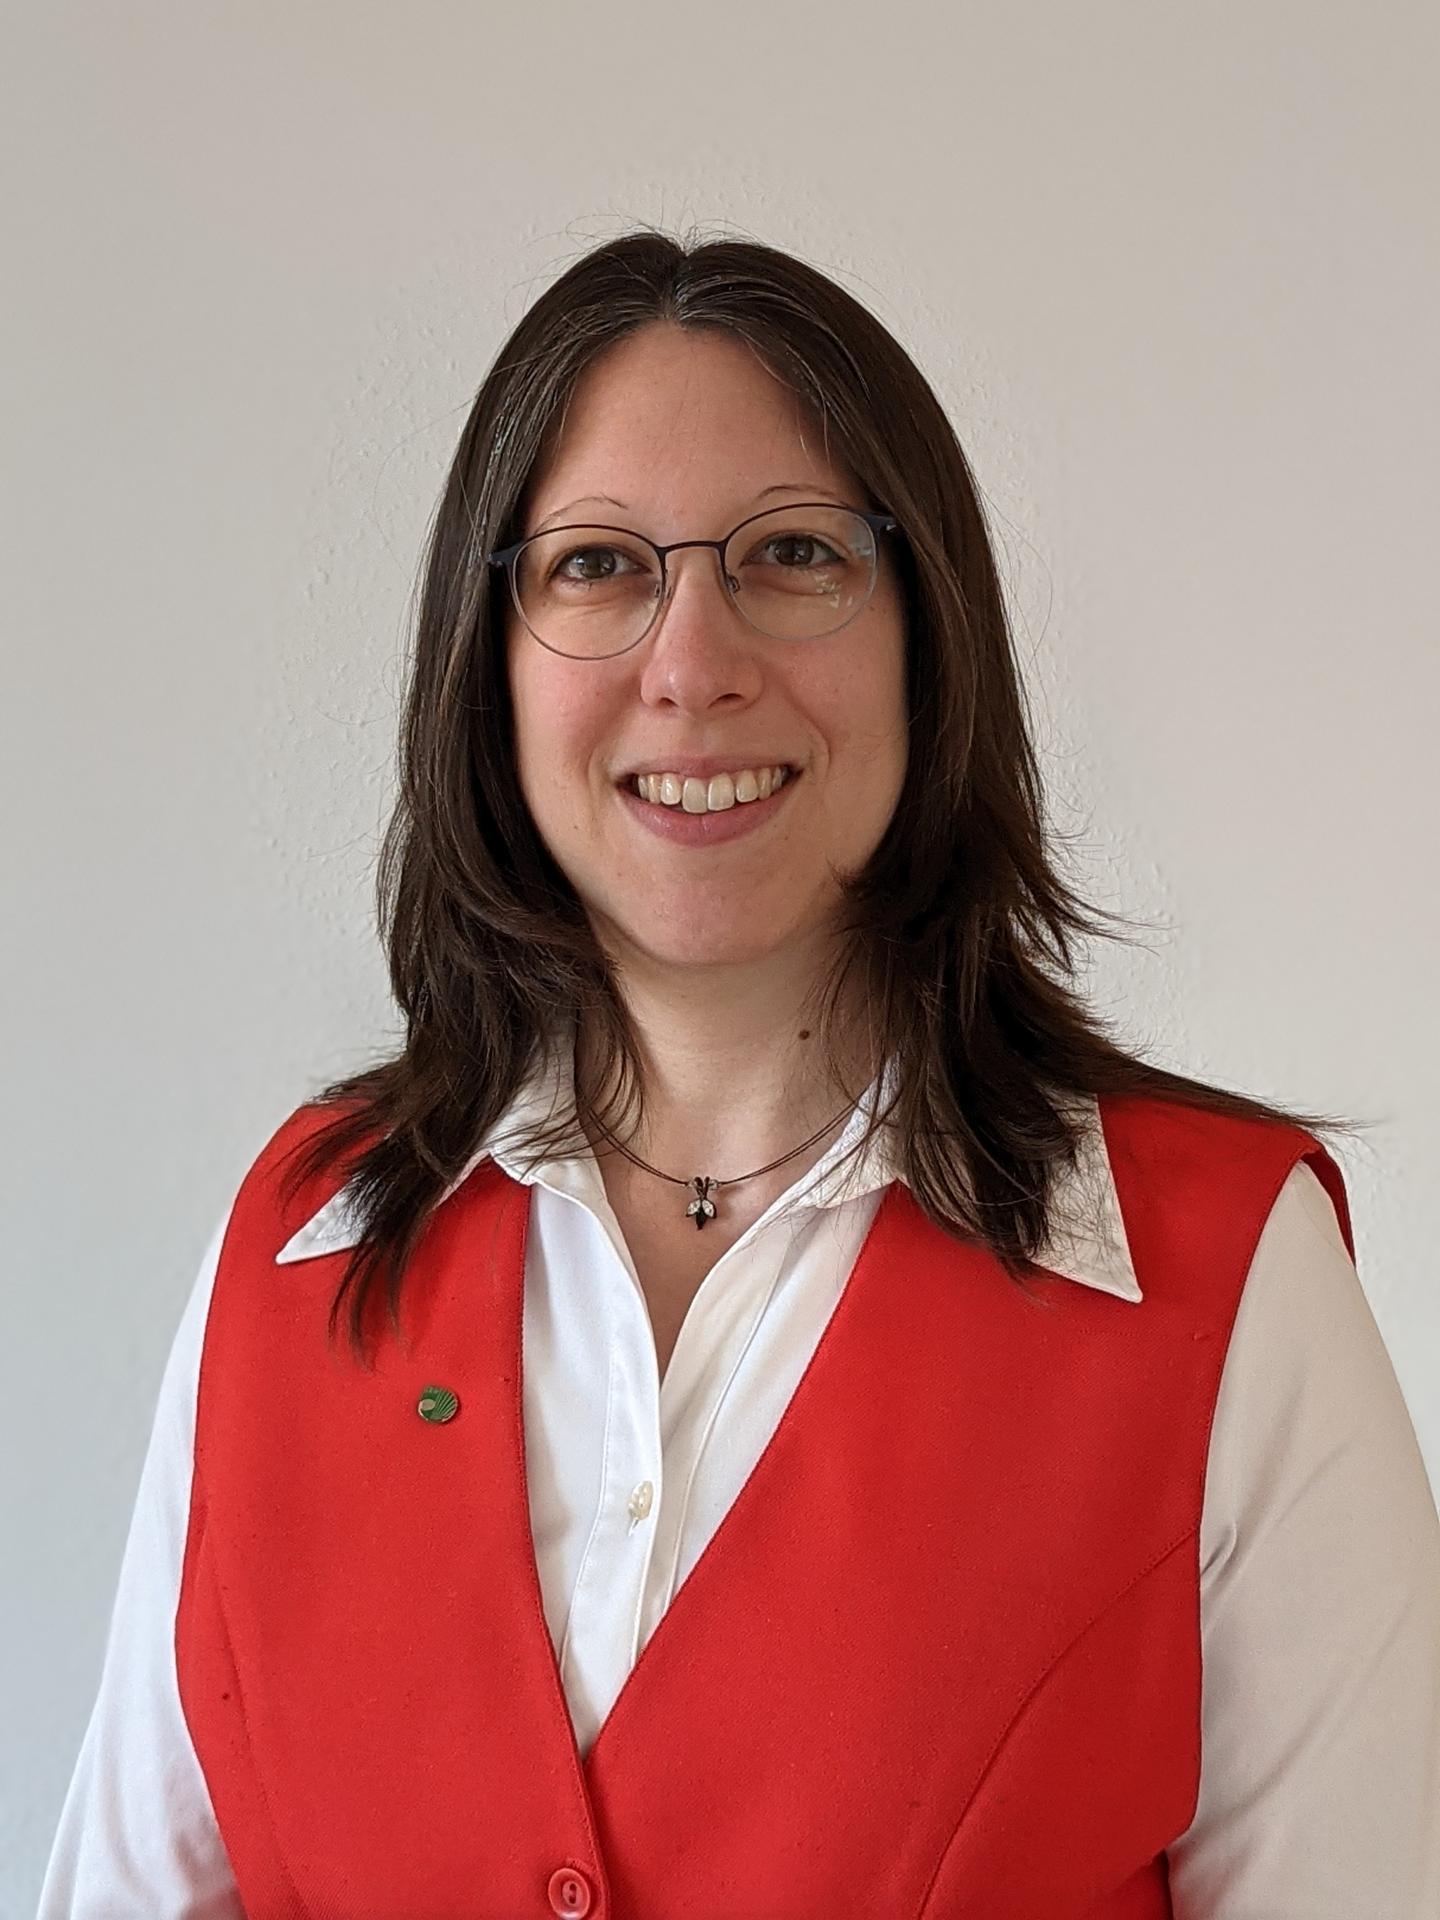 Manuela Gießler